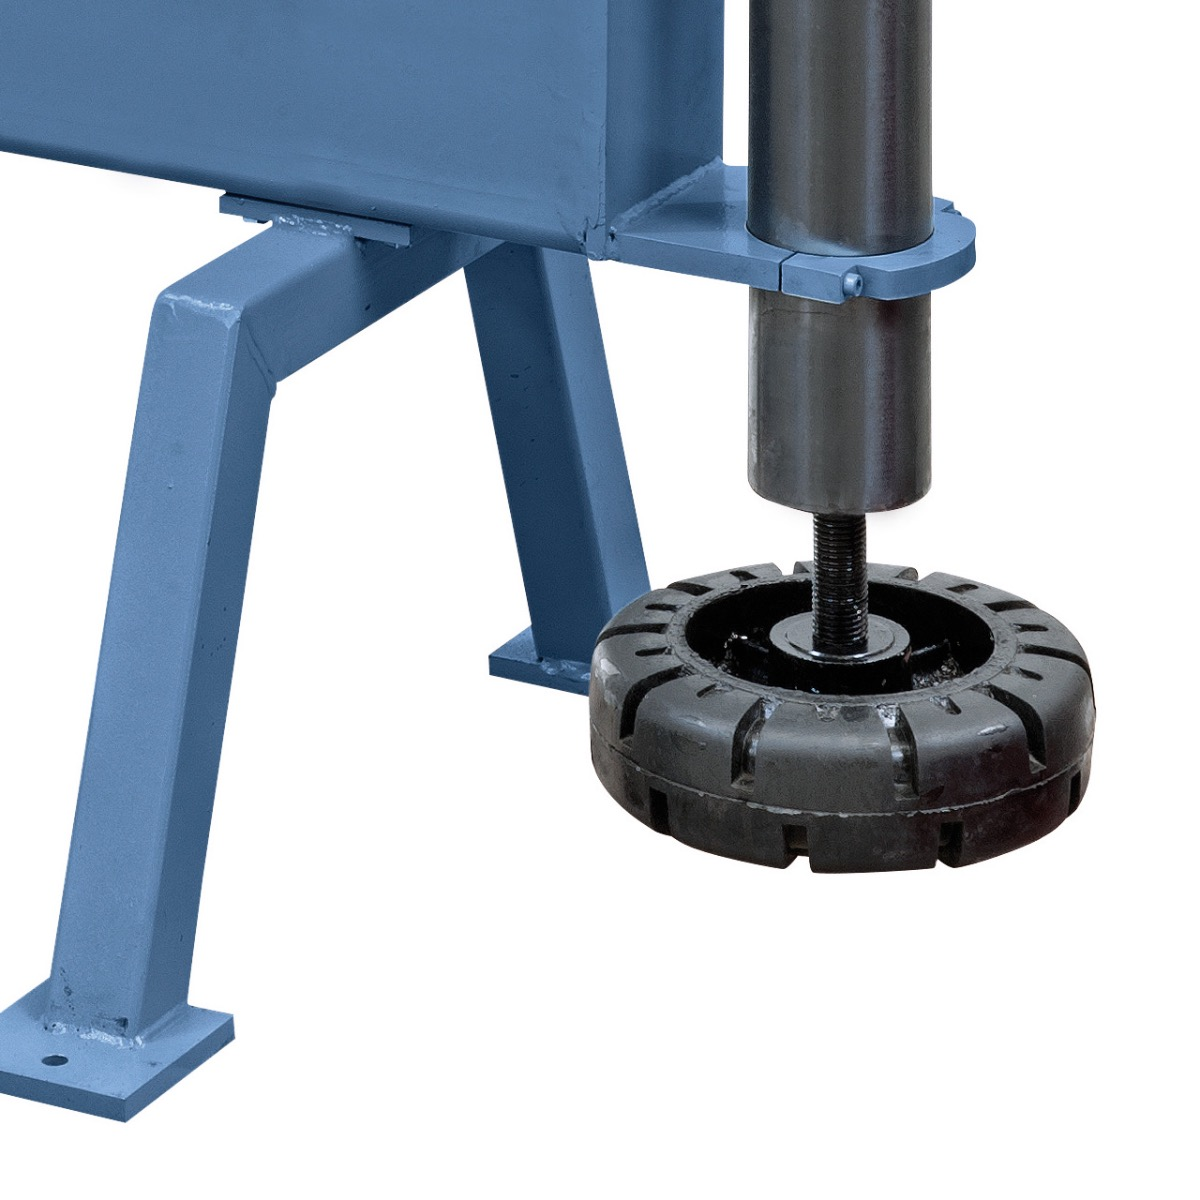 Einfaches Einstellen der unteren Formrolle mittels Fußrad.